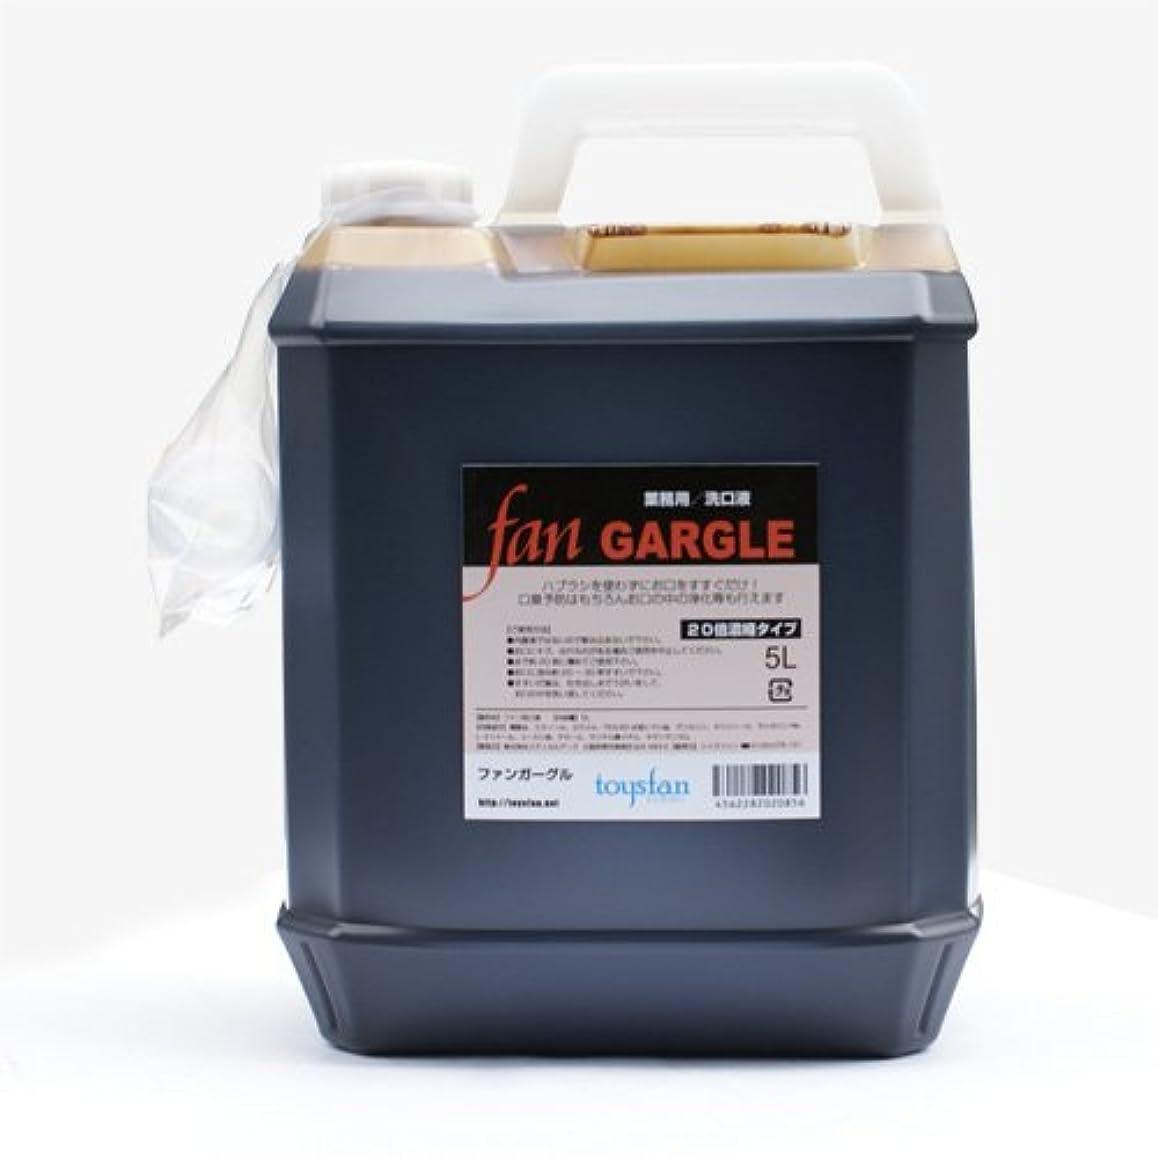 返済チャンバー朝ファンガーグル 5L(20倍濃縮)業務用洗口液